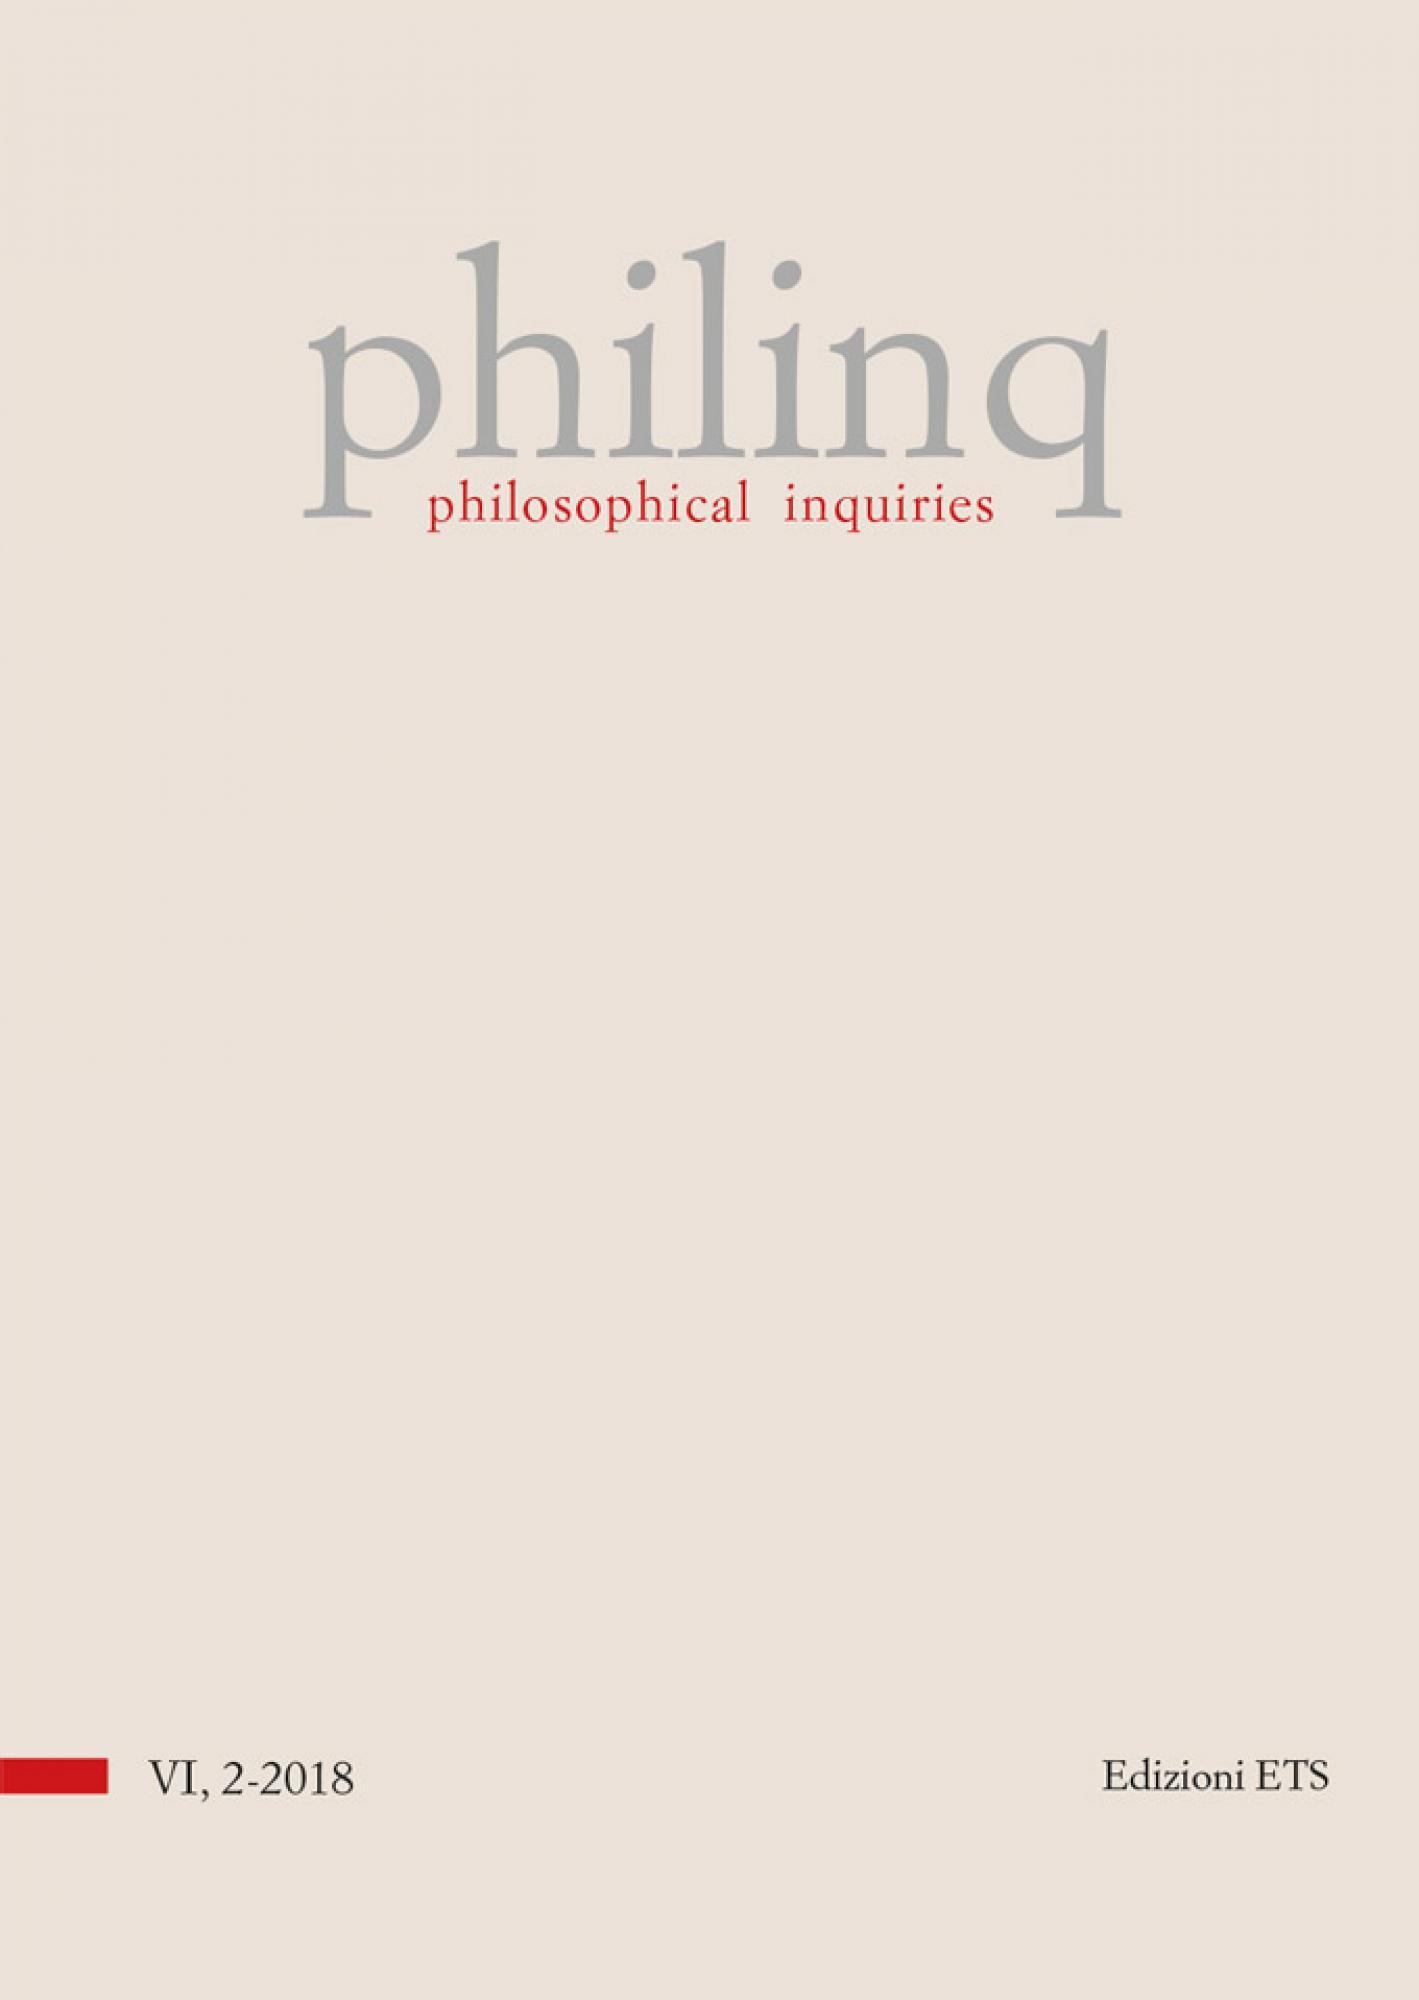 philosophical inquiries.volume 6, issue 2-2018